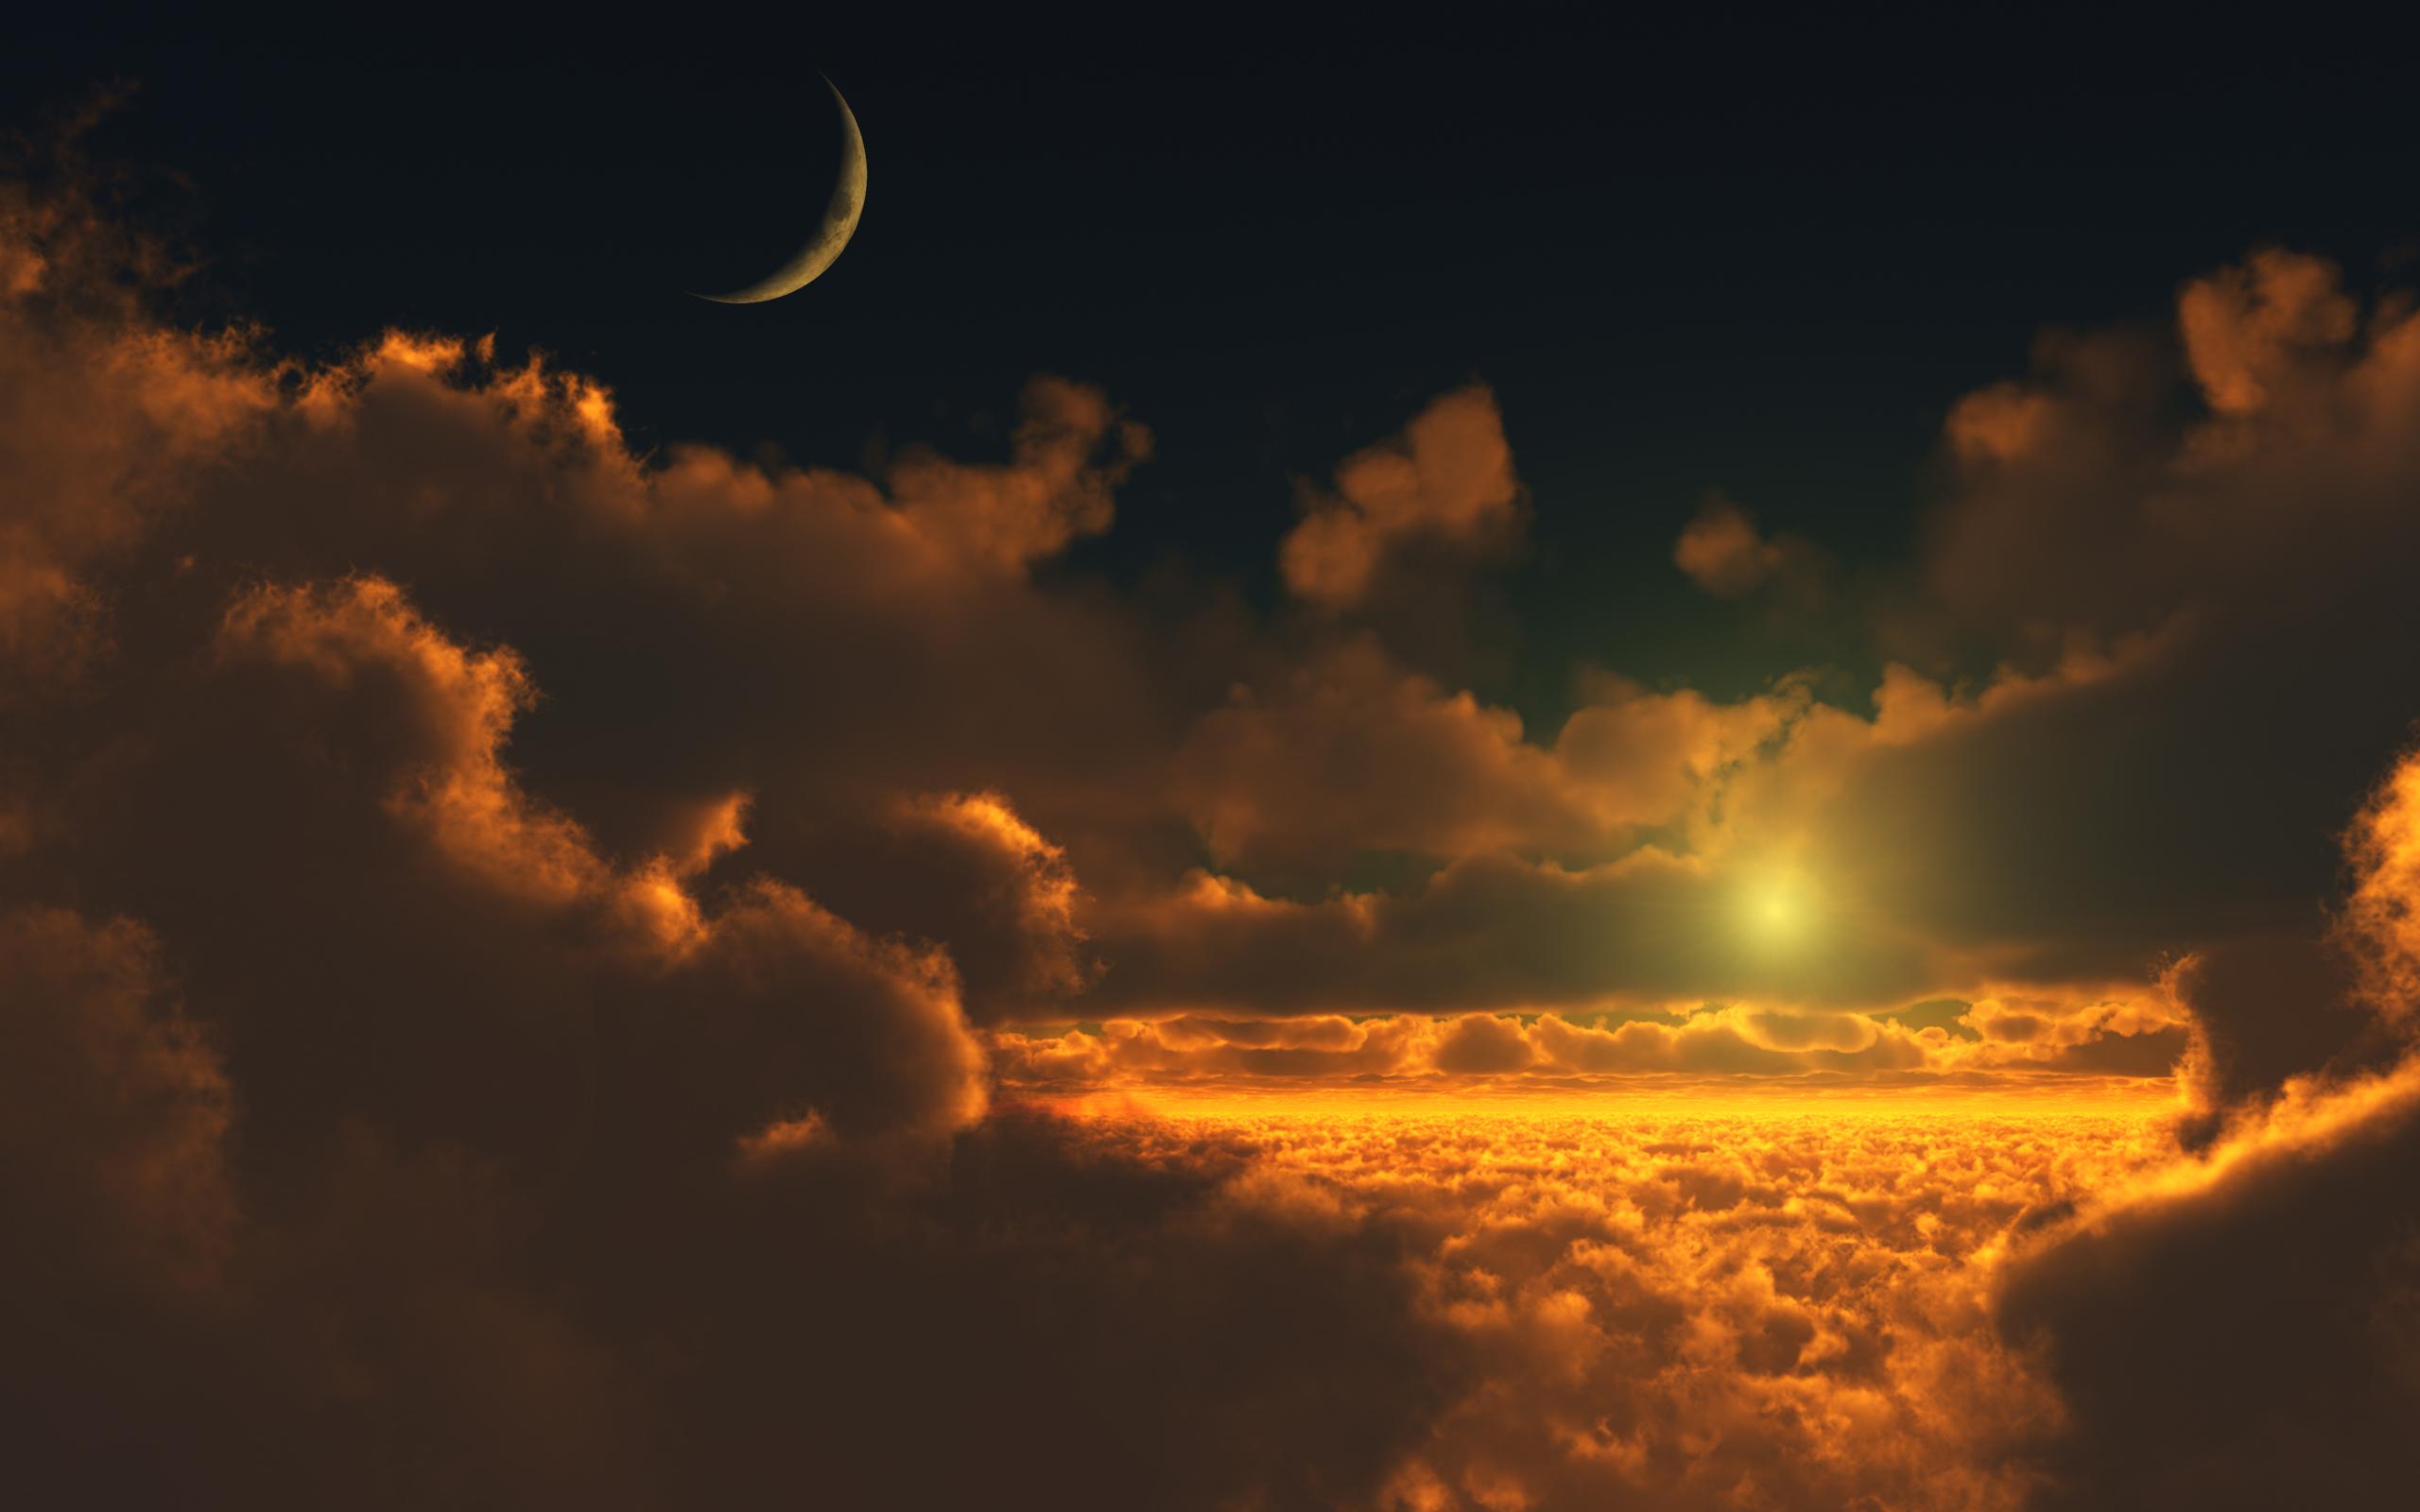 Golden Clouds Wallpaper